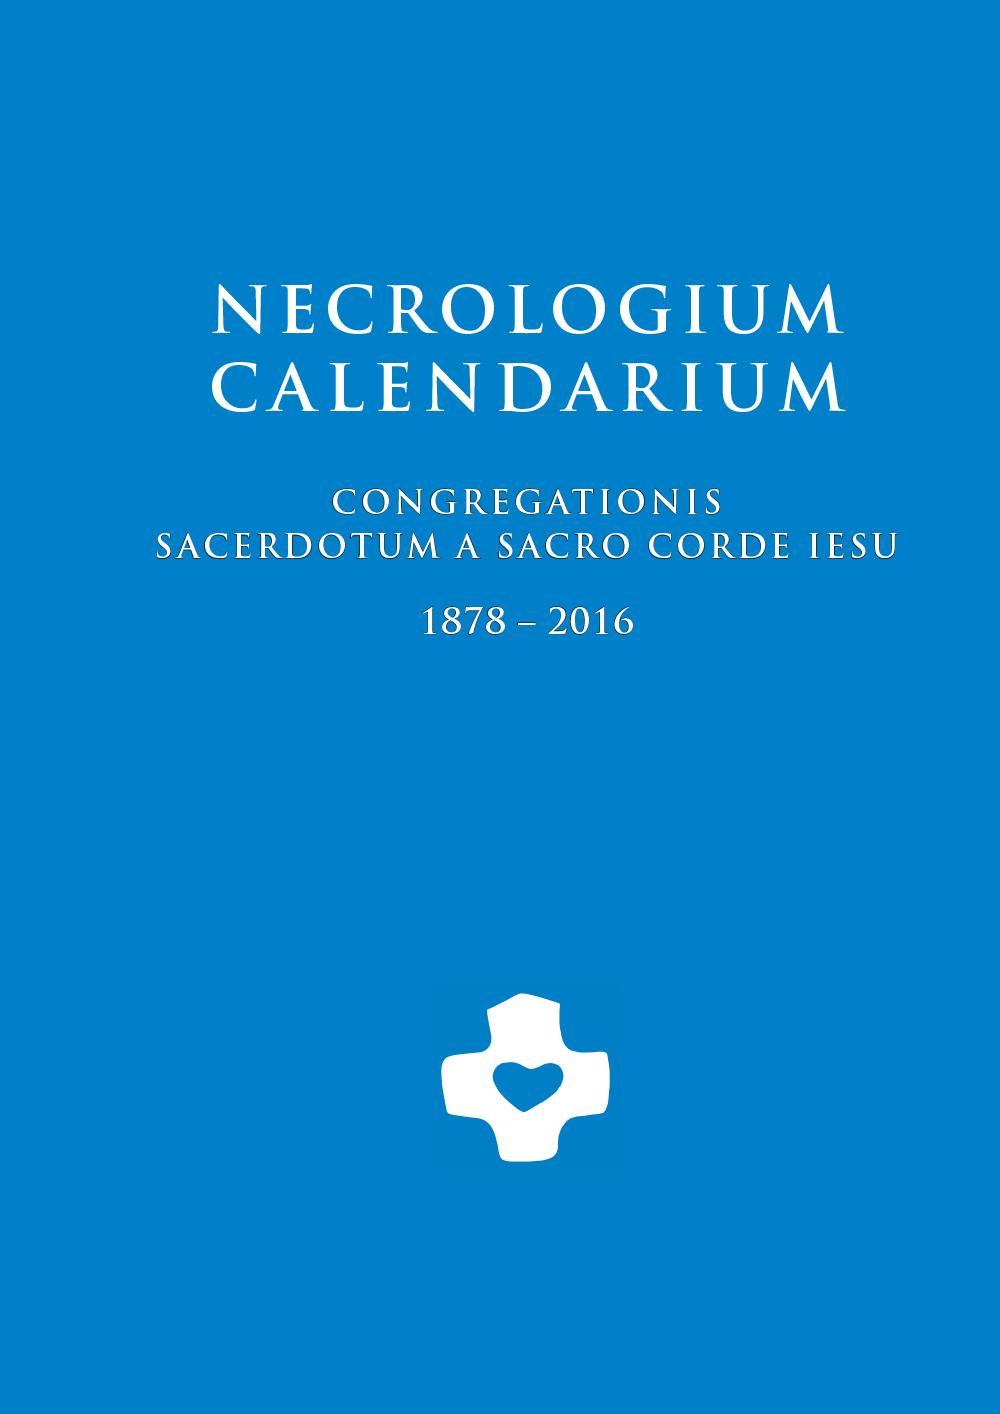 necrologium 2016-1